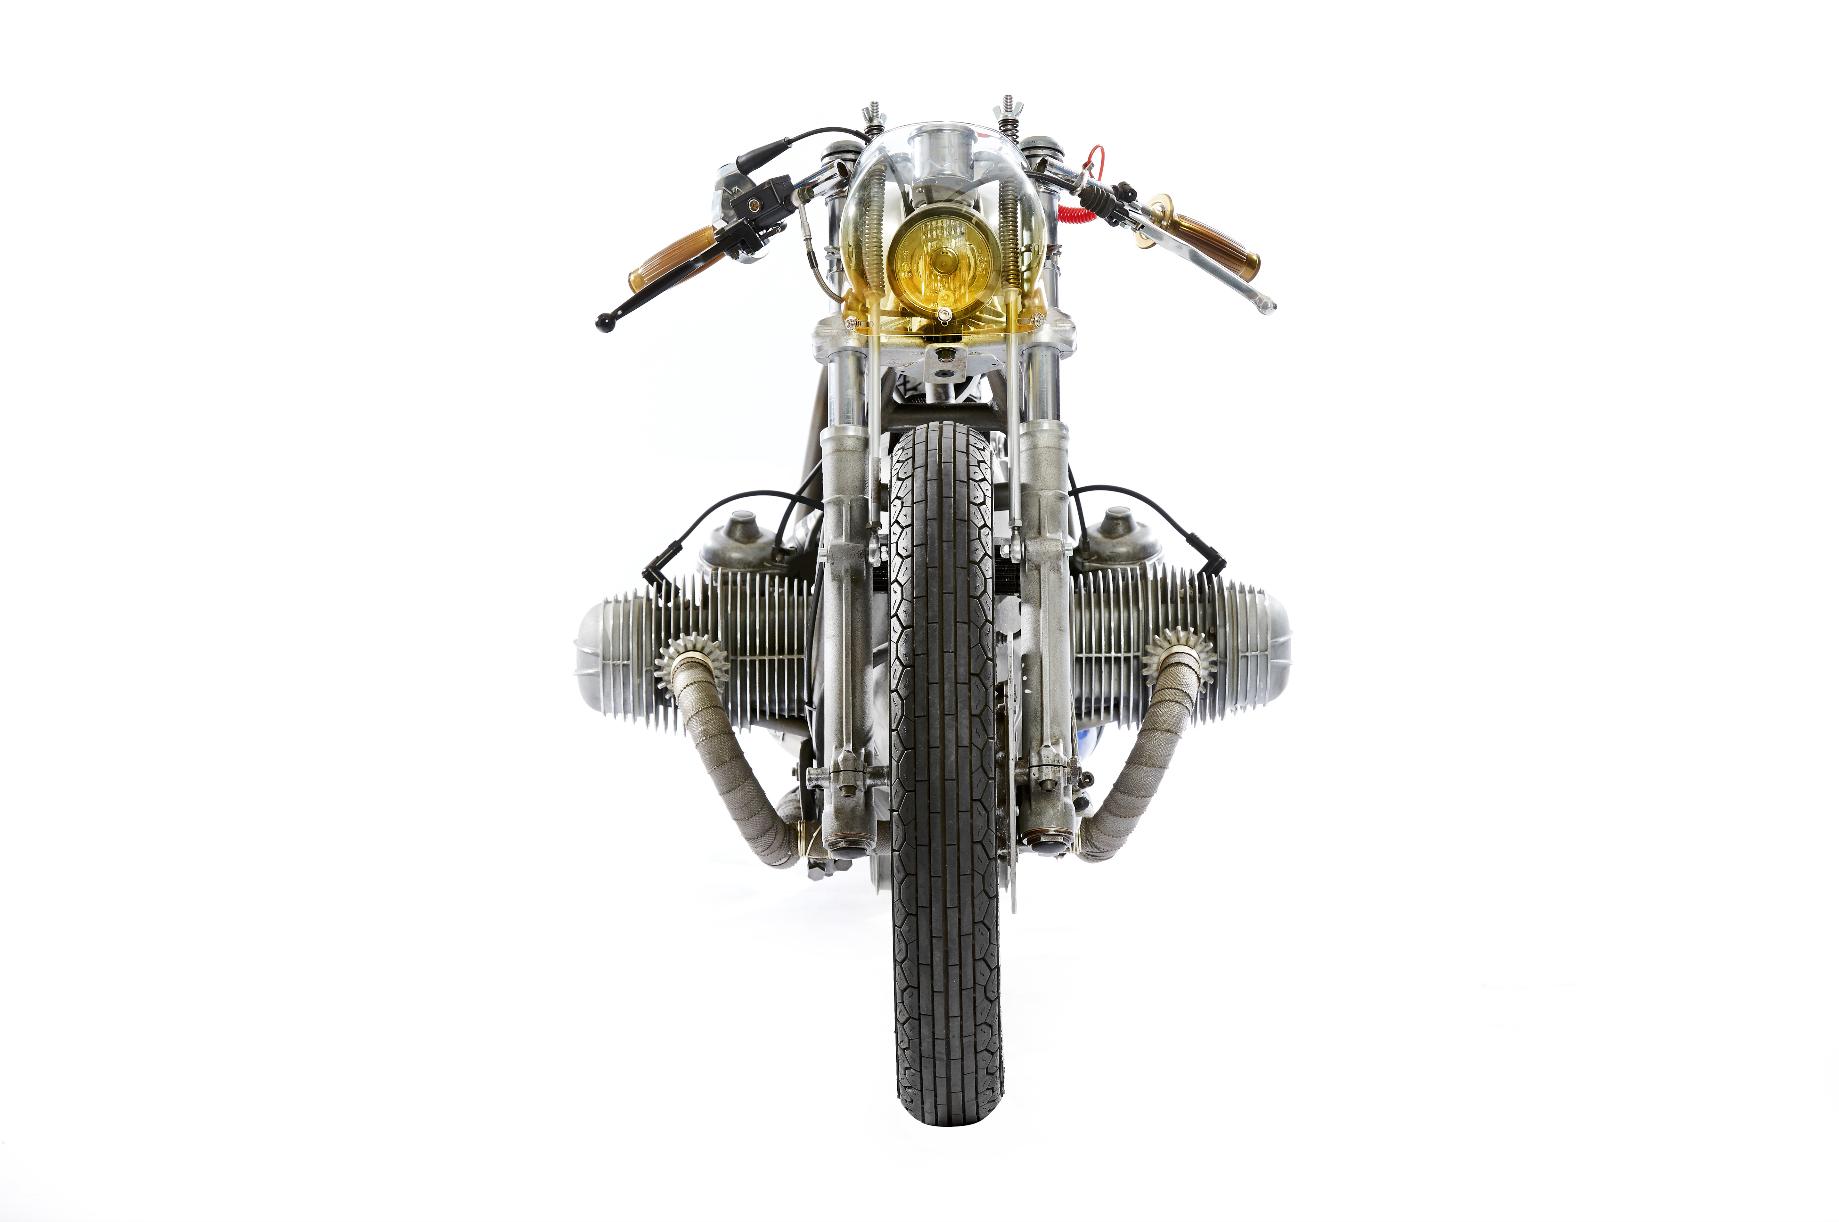 004 Motor Rausch